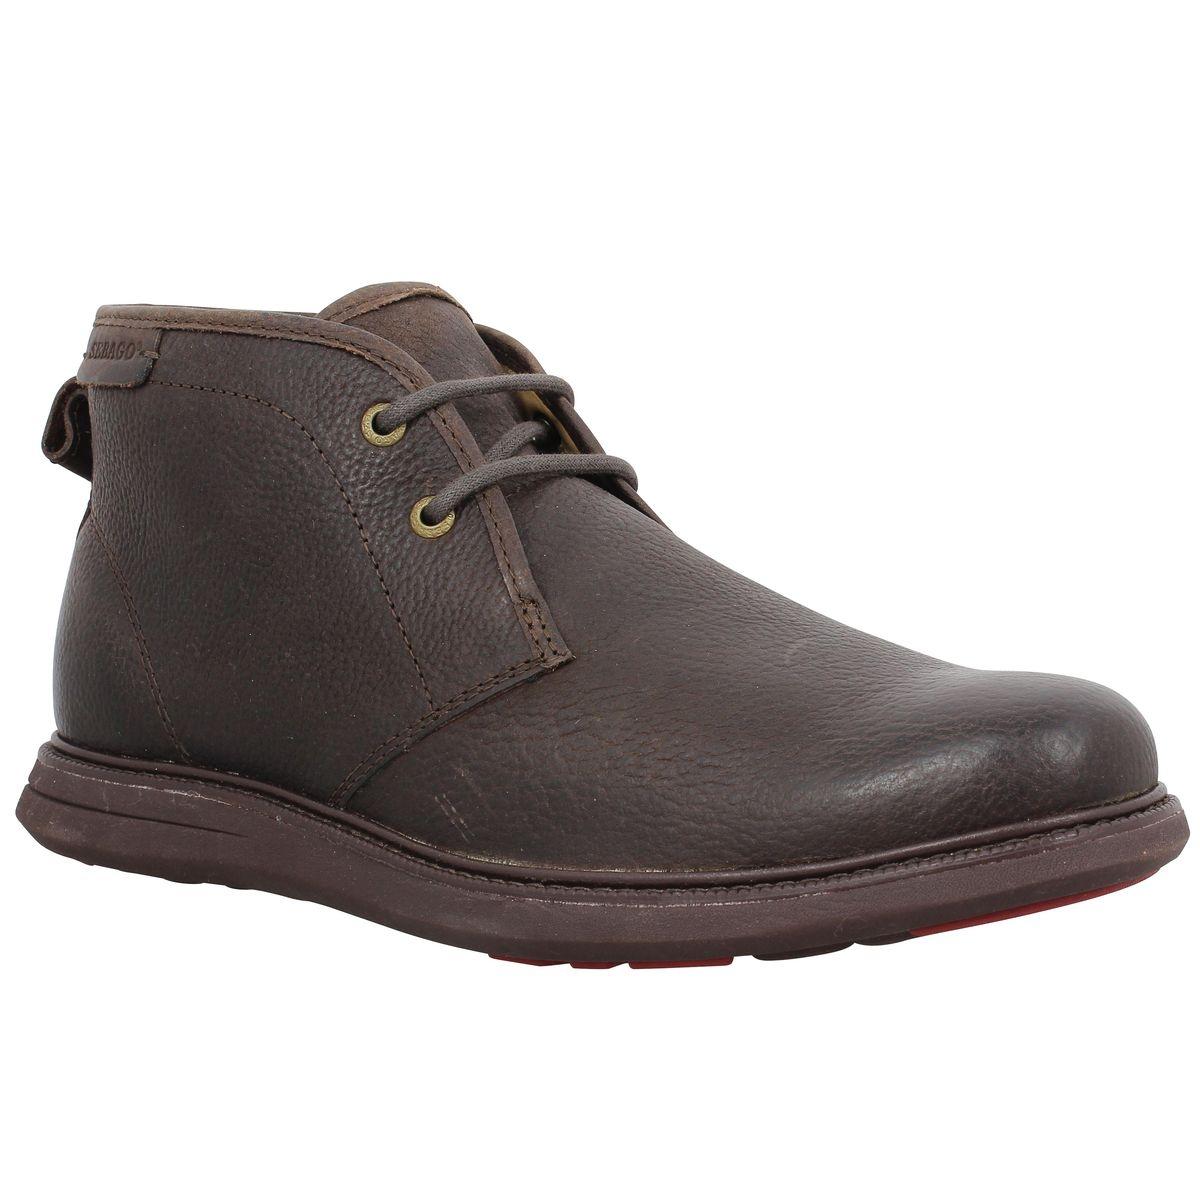 Sébago Homme Boots sebago boots b810243 Sébago Homme soldes TZd1lCq1d